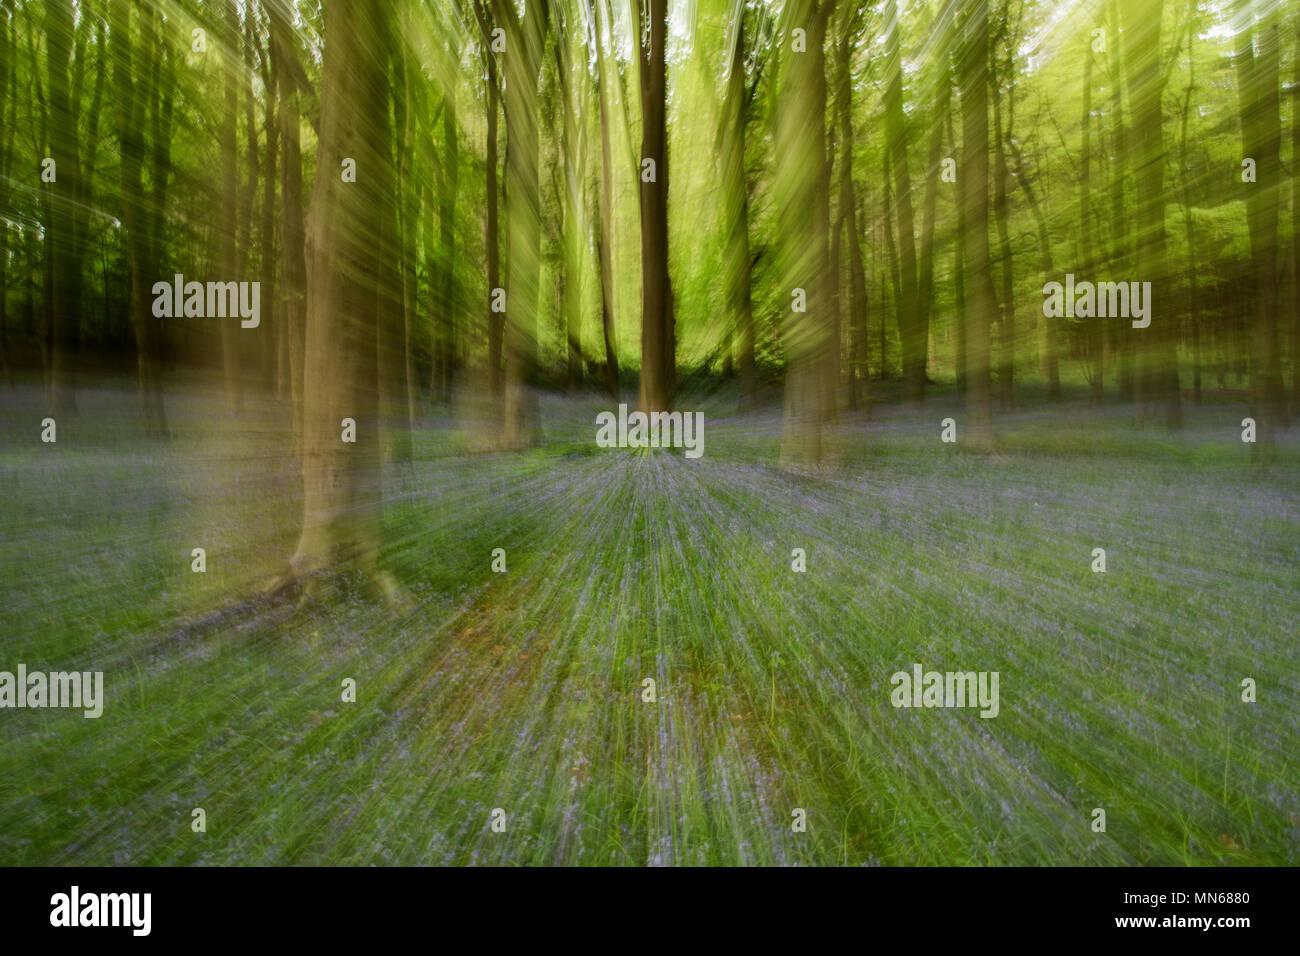 Objektiv Wirkung auf einen Wald Bäume gezoomt Stockbild